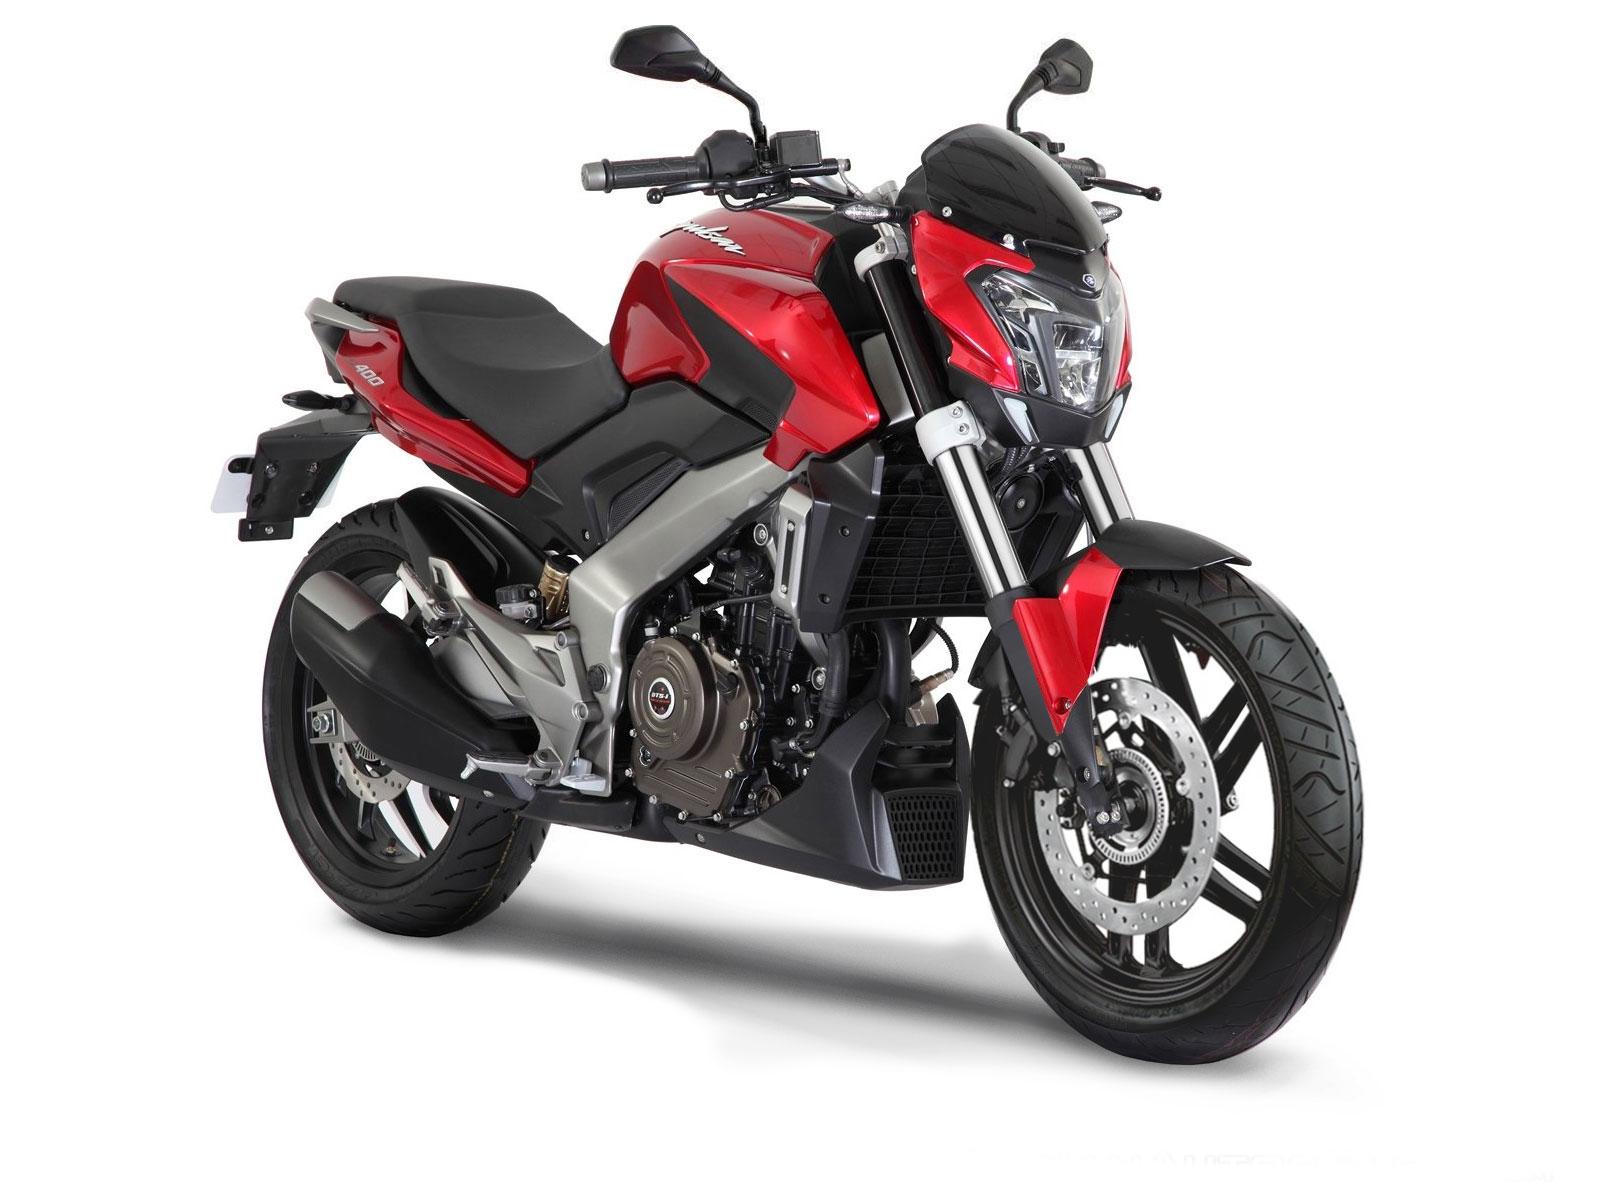 Bajaj - современные мотоциклы, известные во всем мире